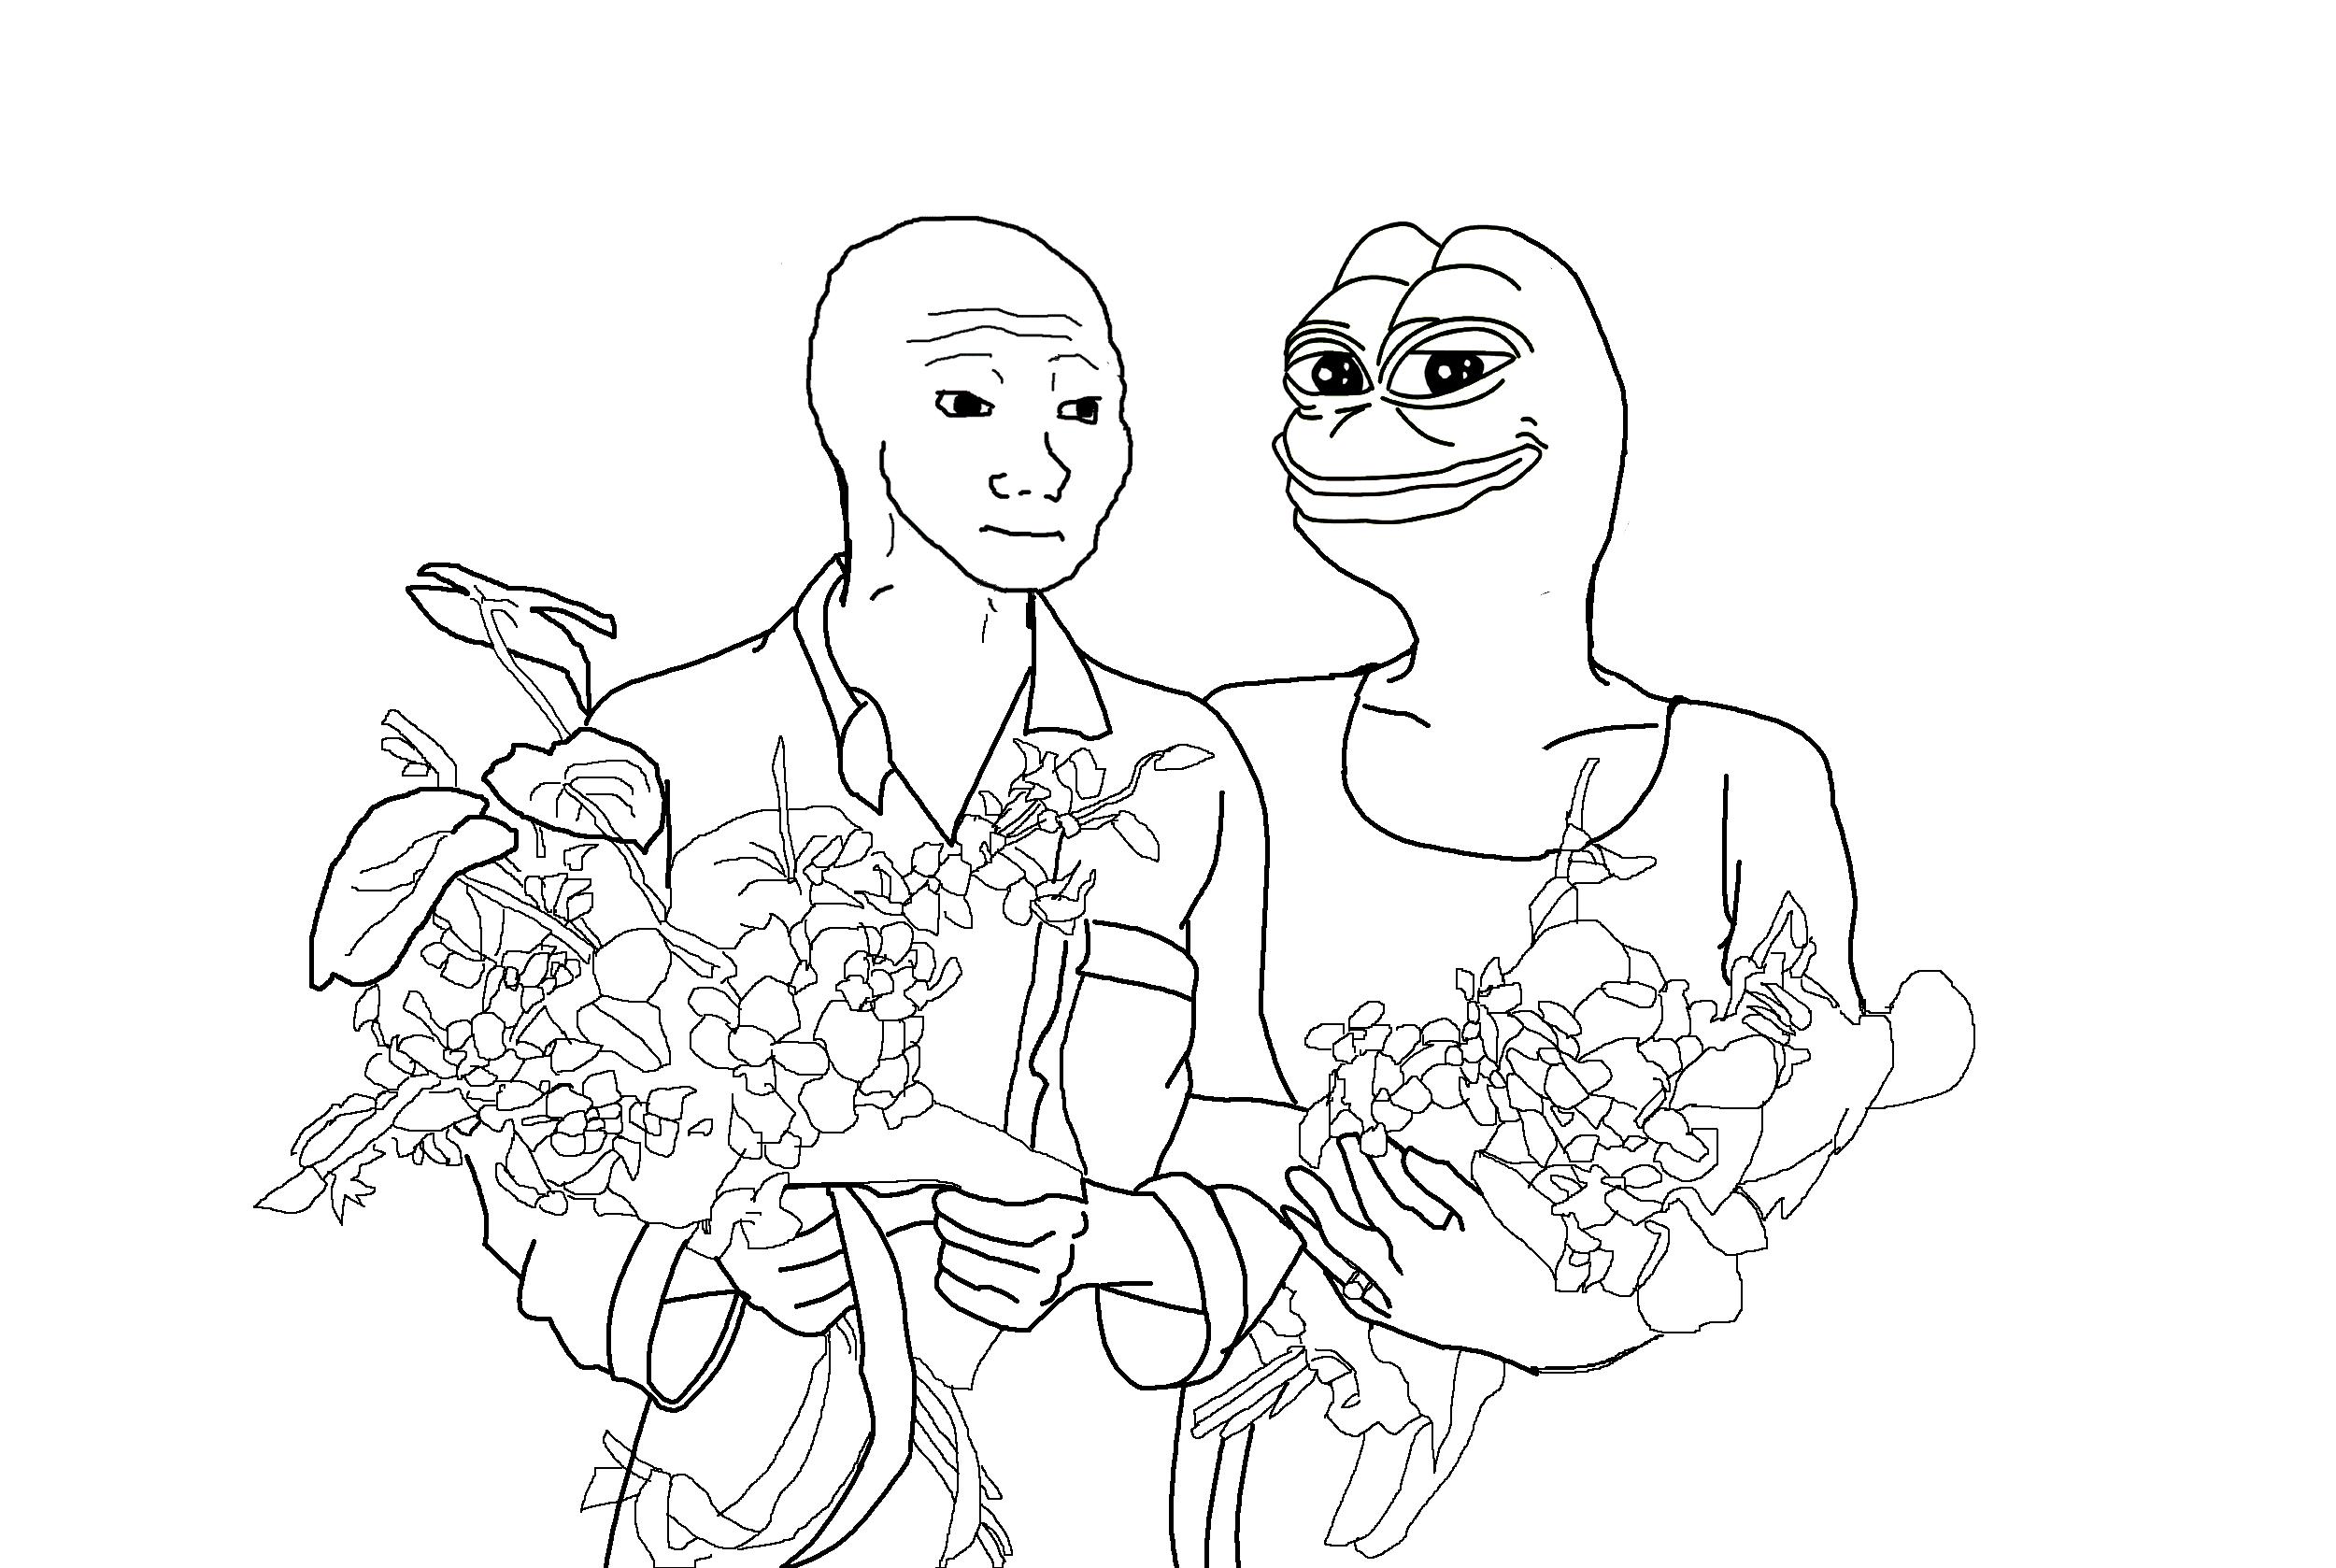 Meme Coloring Pages